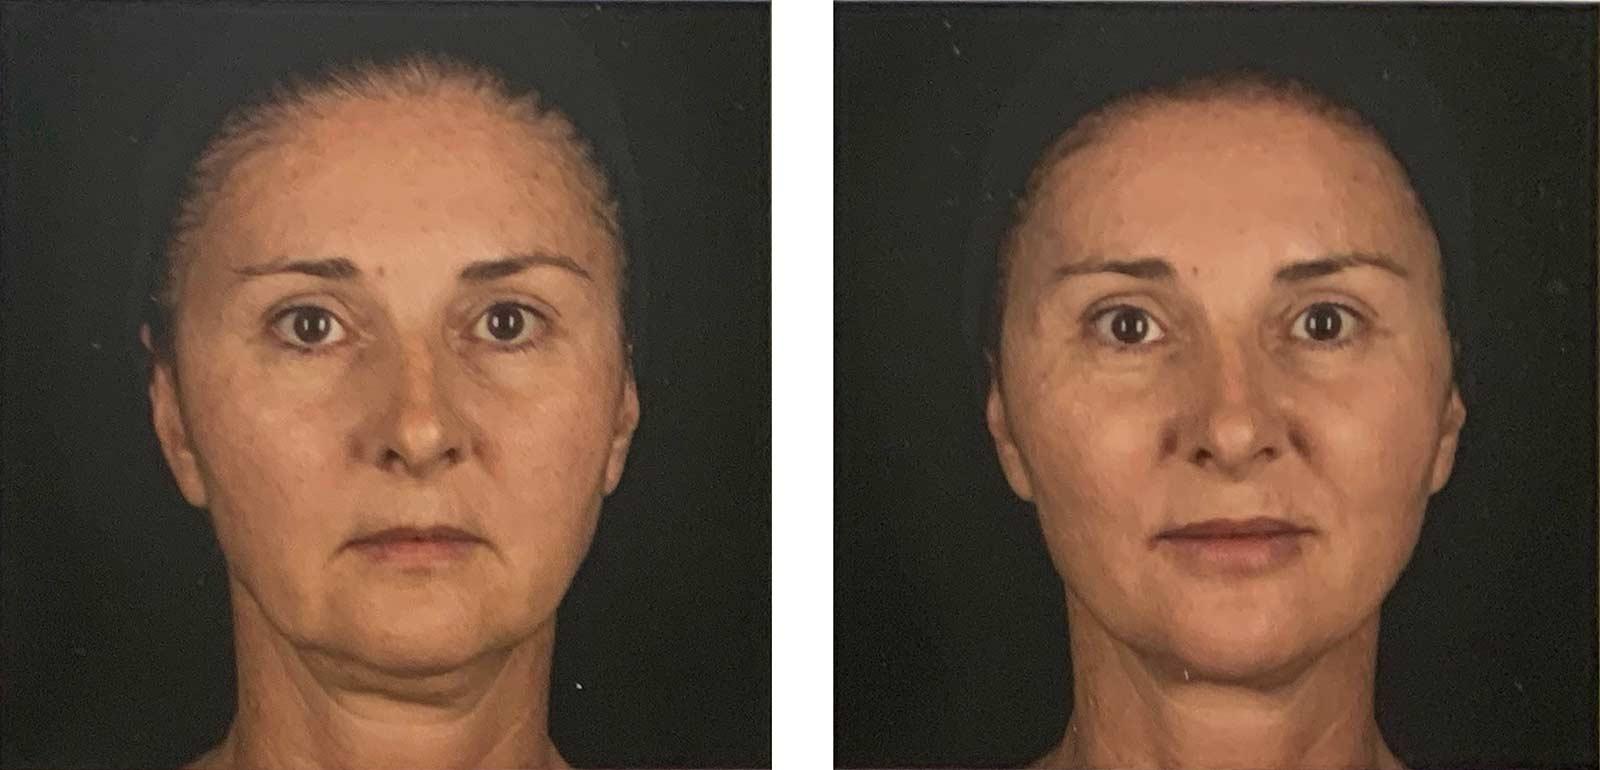 injections d'acide hyaluronique (Juvederm) pour corriger un visage flasque - avant-après